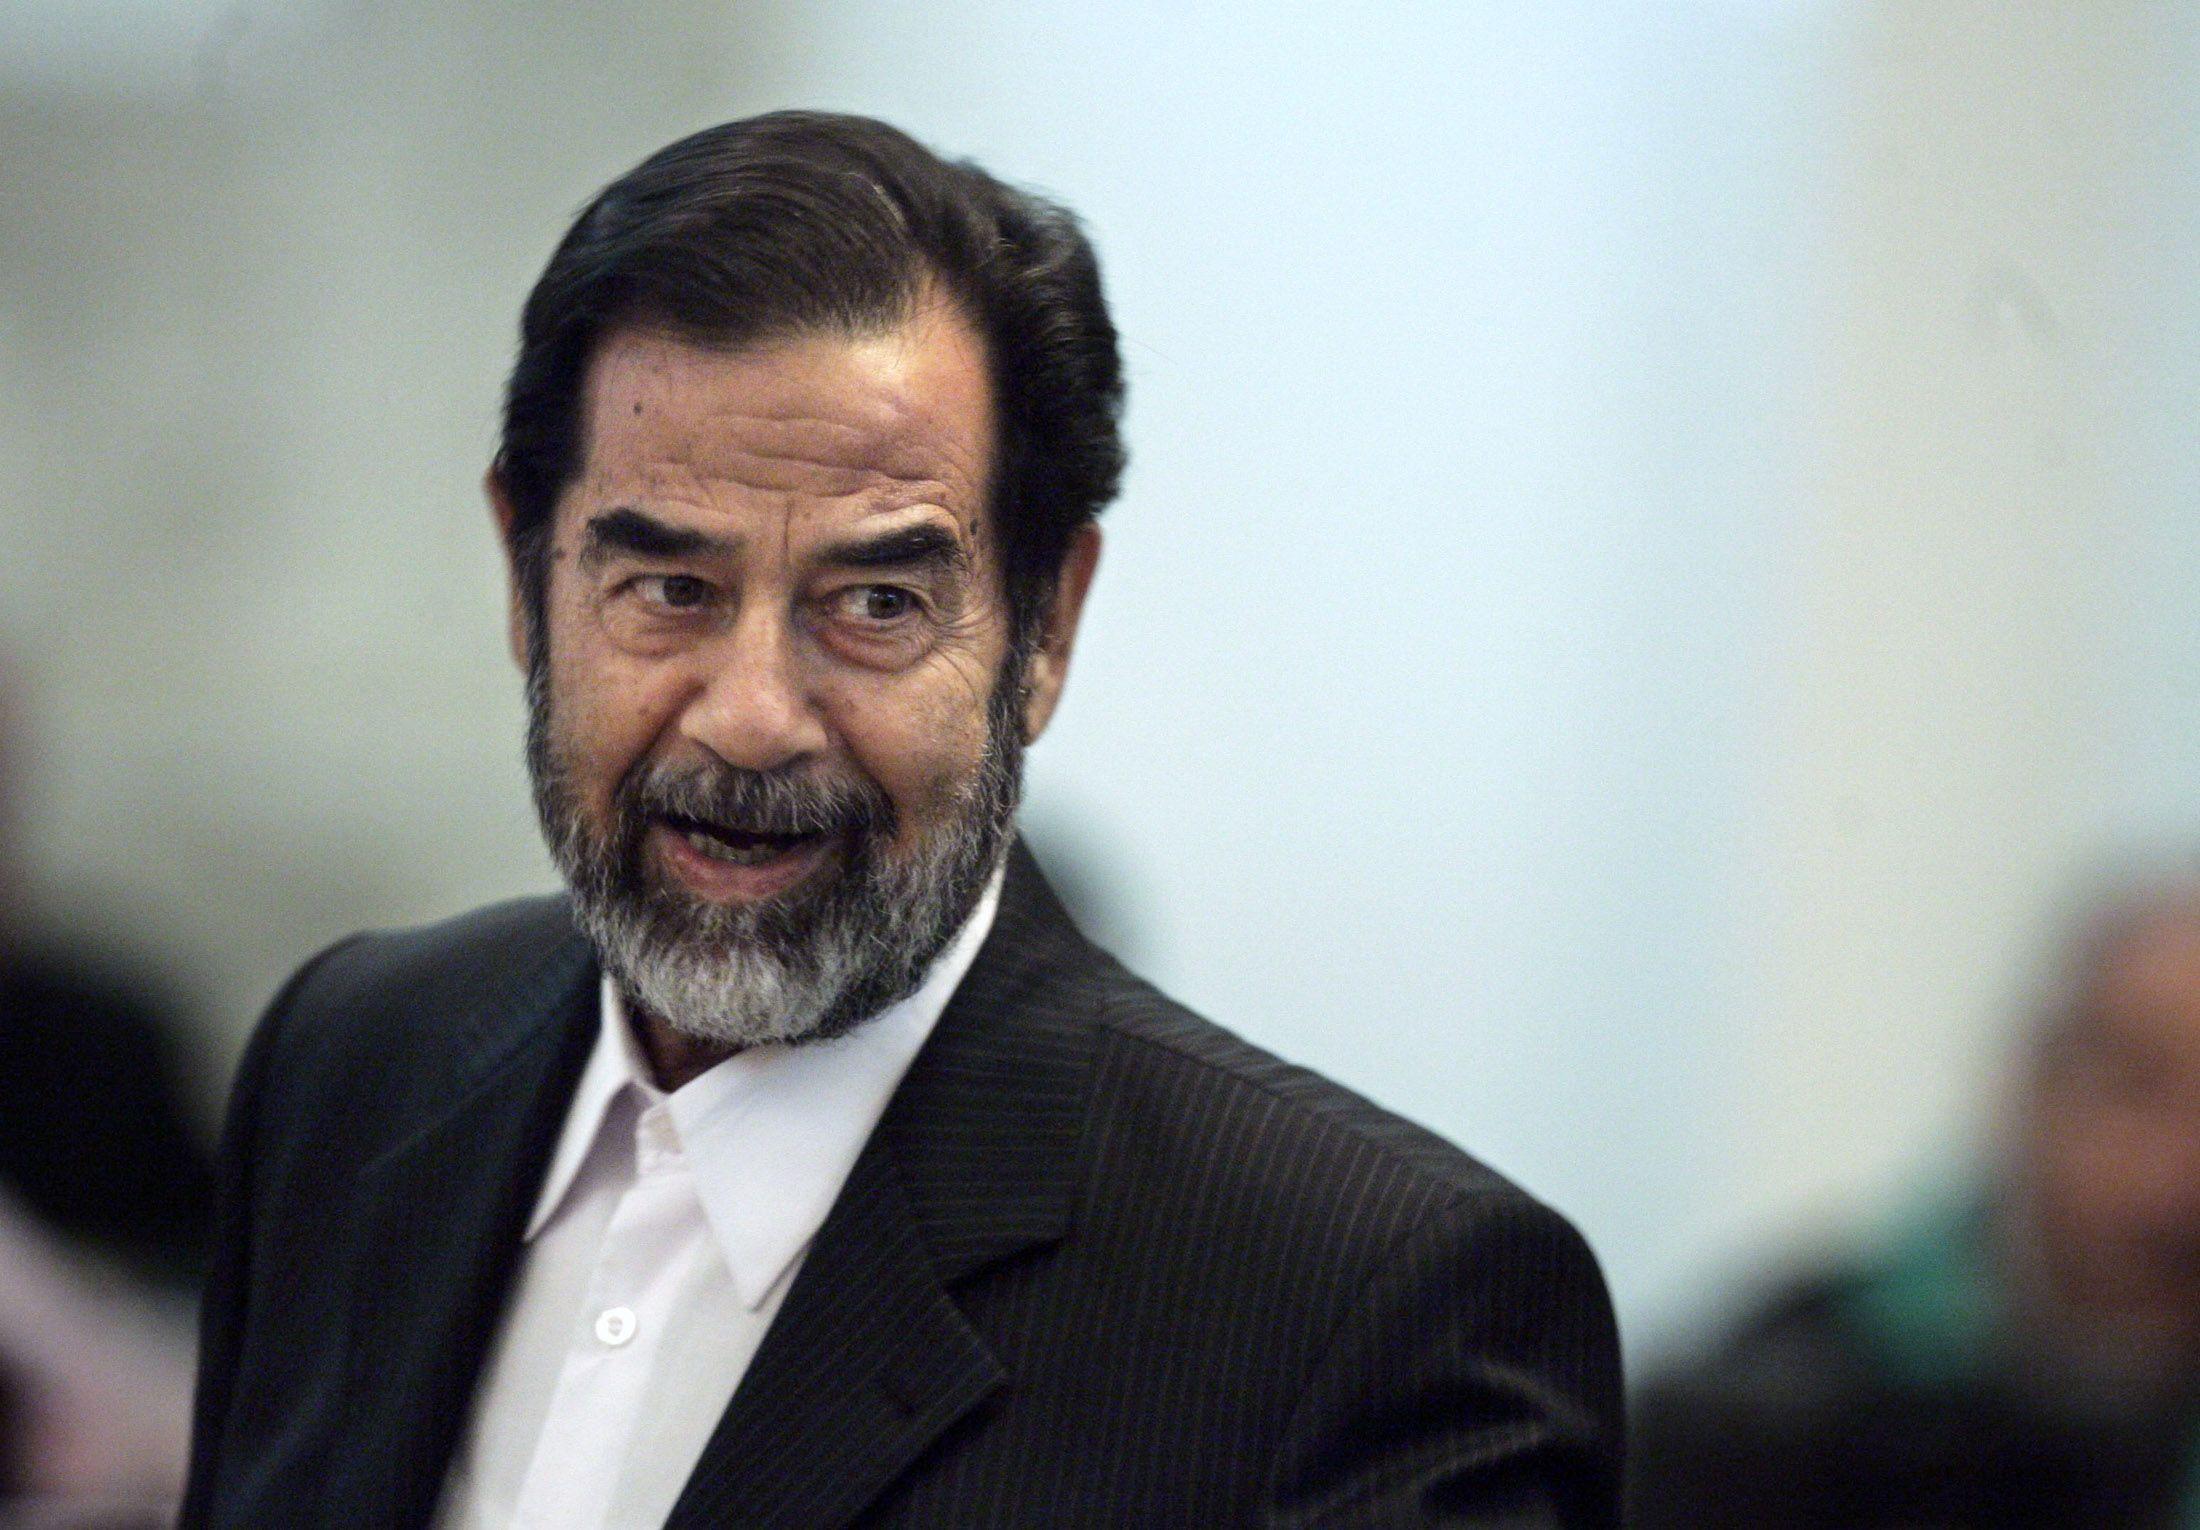 05_04_Saddam_Dictator_01